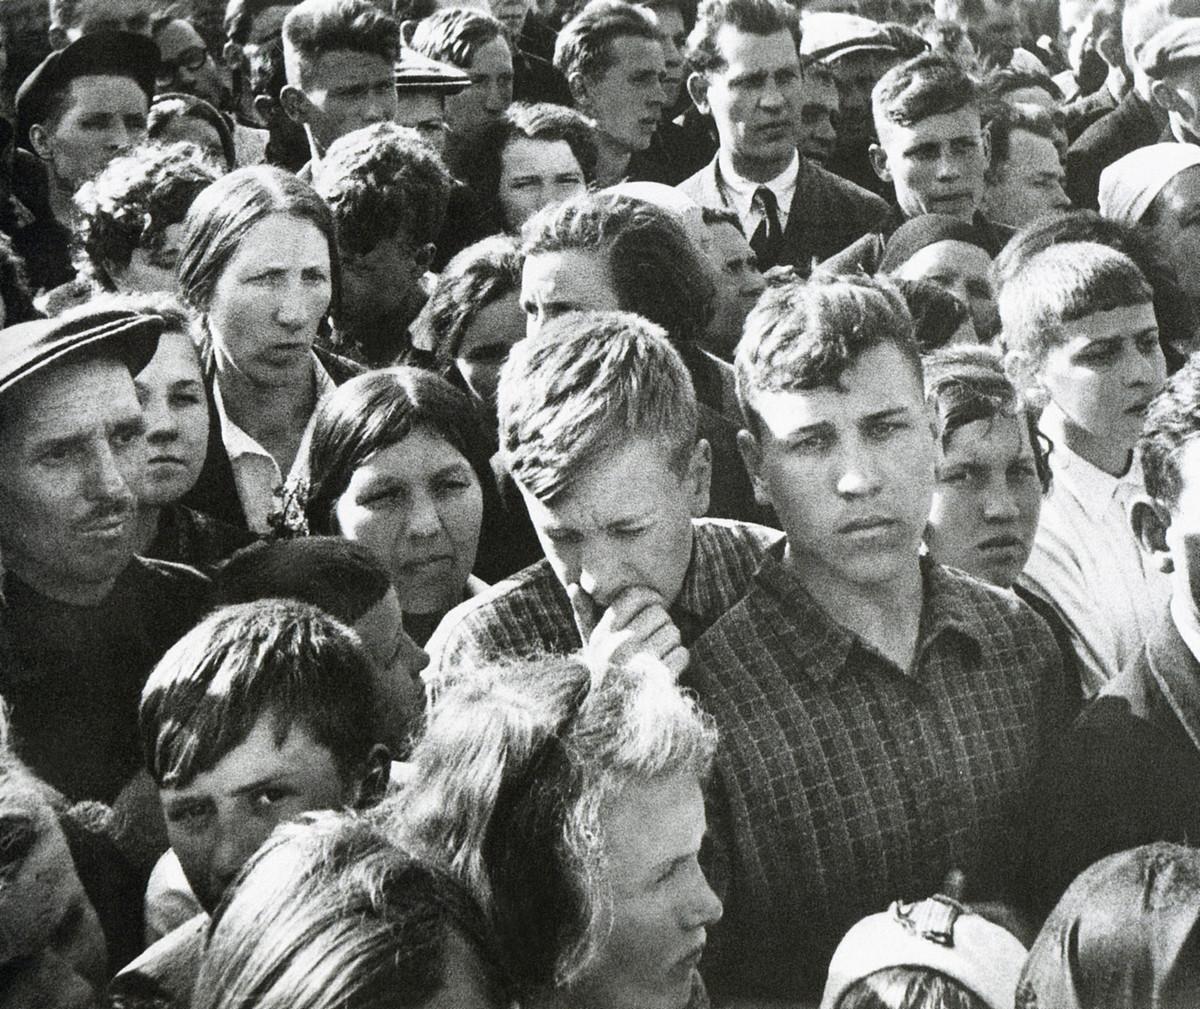 фронт и тыл Великой Отечественной на снимках советских военных фотографов shagin 1200